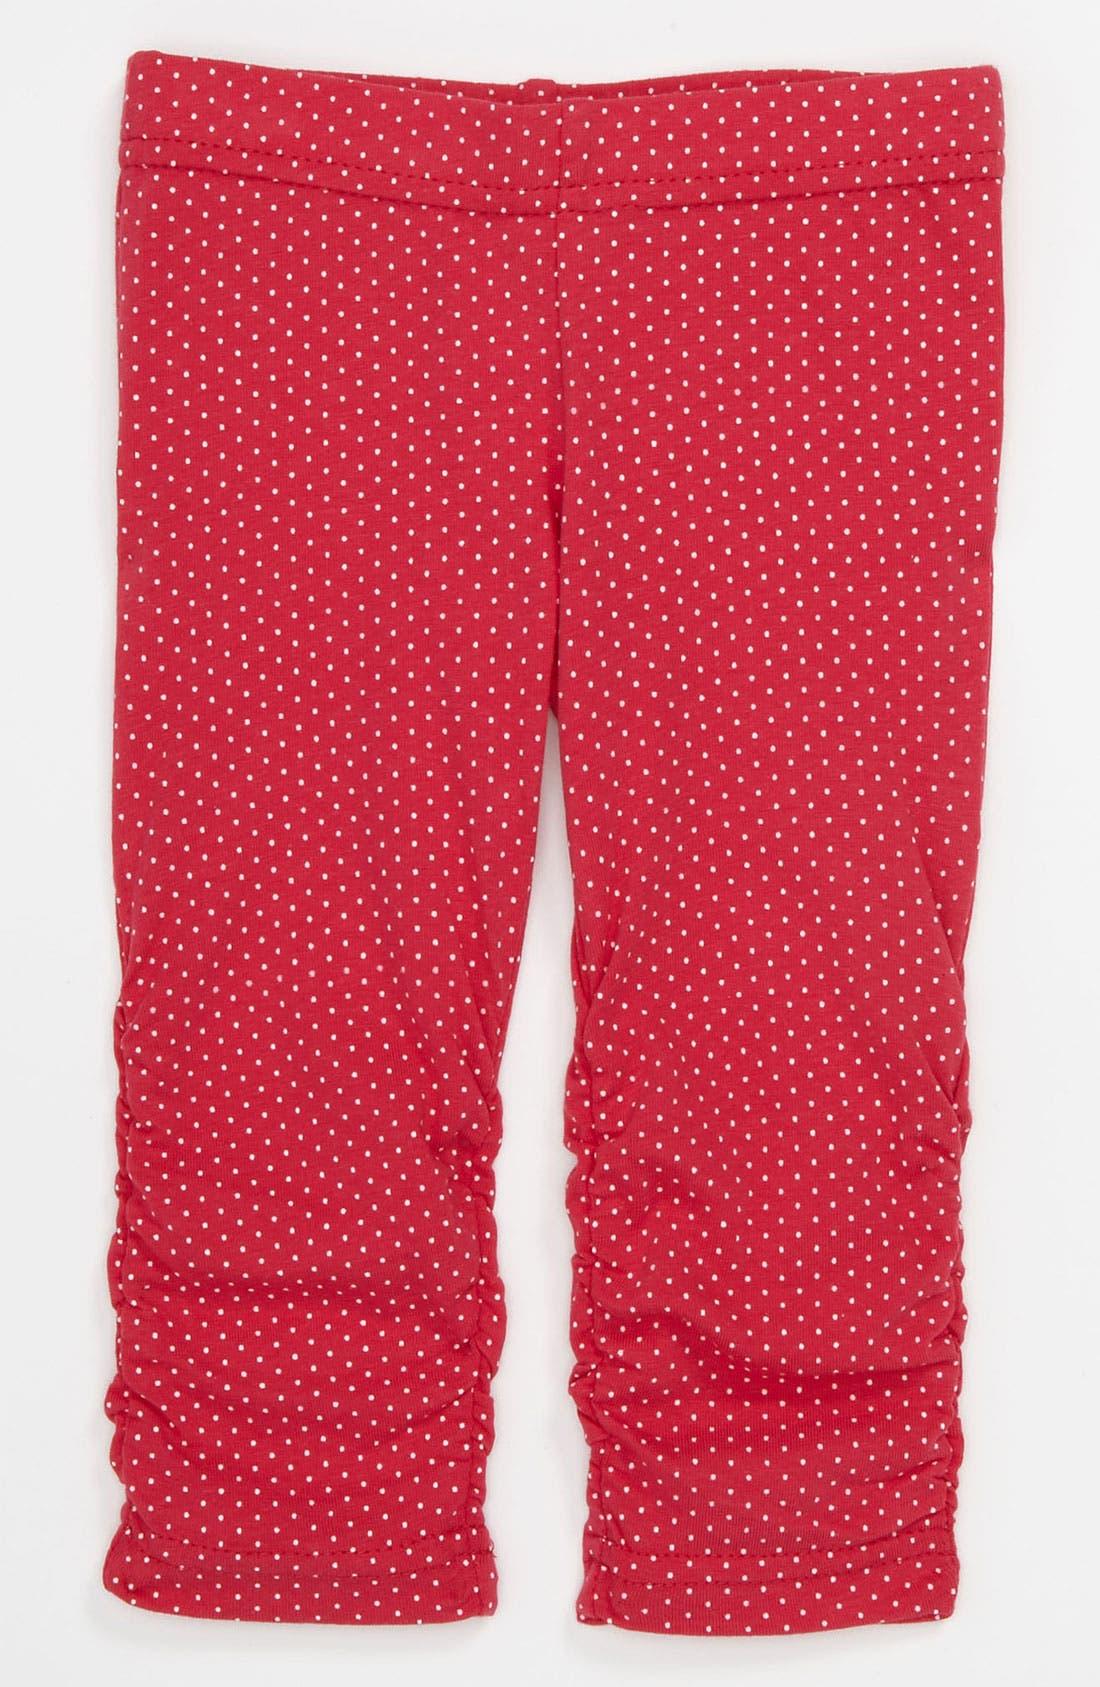 Alternate Image 1 Selected - Pumpkin Patch Capri Leggings (Infant)